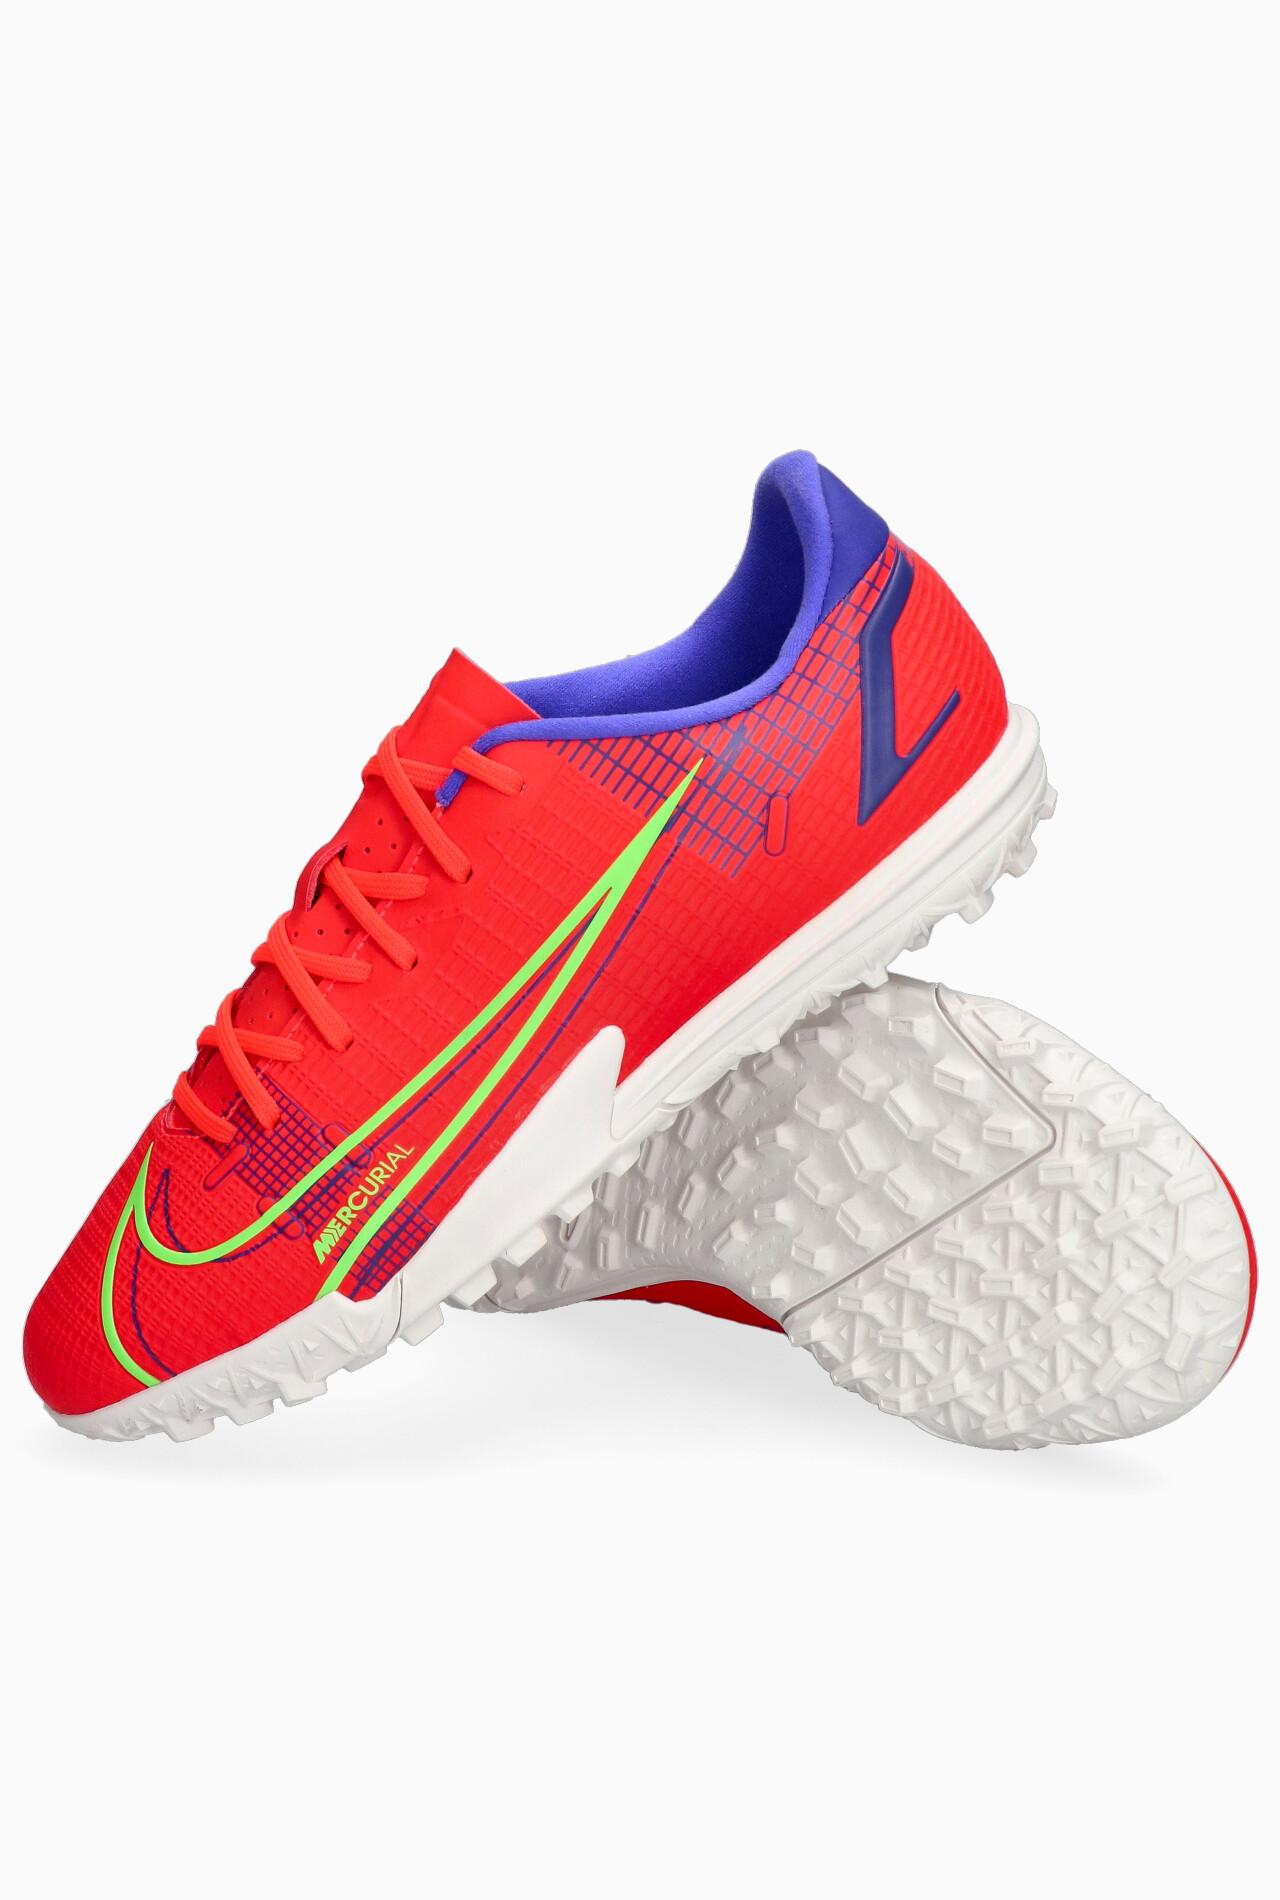 Nike Mercurial Vapor 14 Academy Tf Junior Buty Pilkarskie Sprzet I Akcesoria Sklep R Gol Com